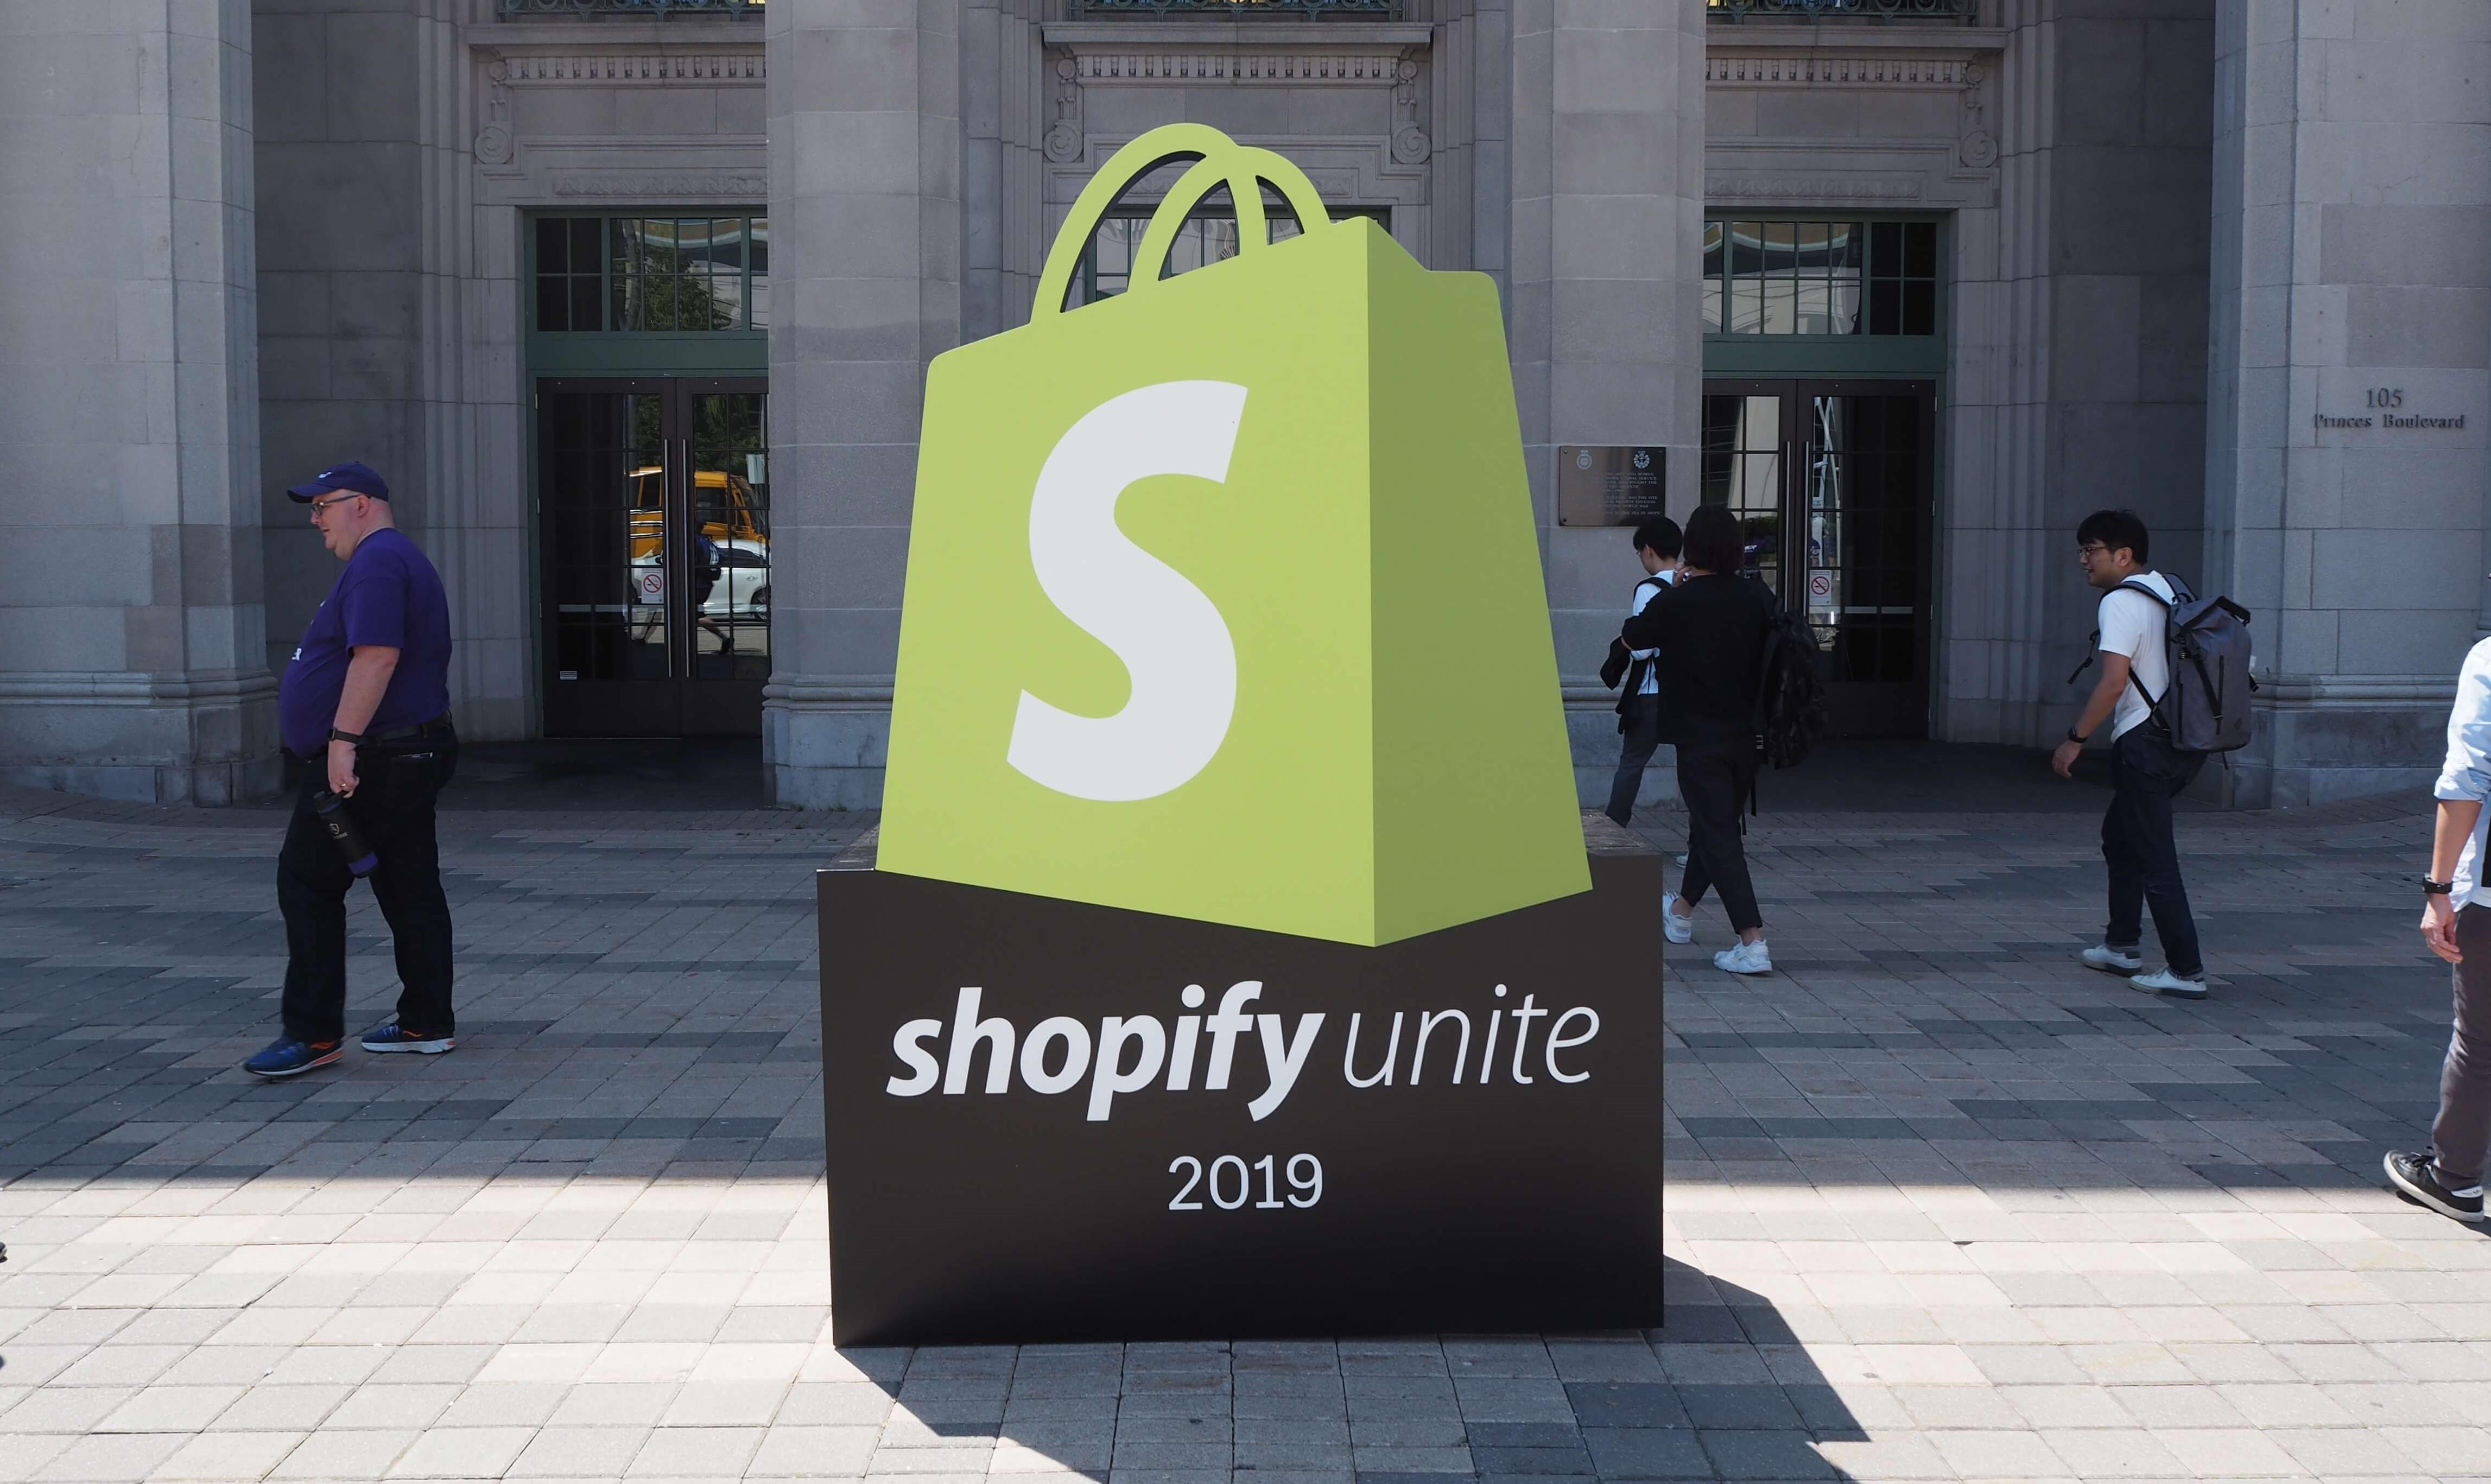 【レポート】Eコマース事業者必見の「#ShopifyUnite」に潜入してみた。